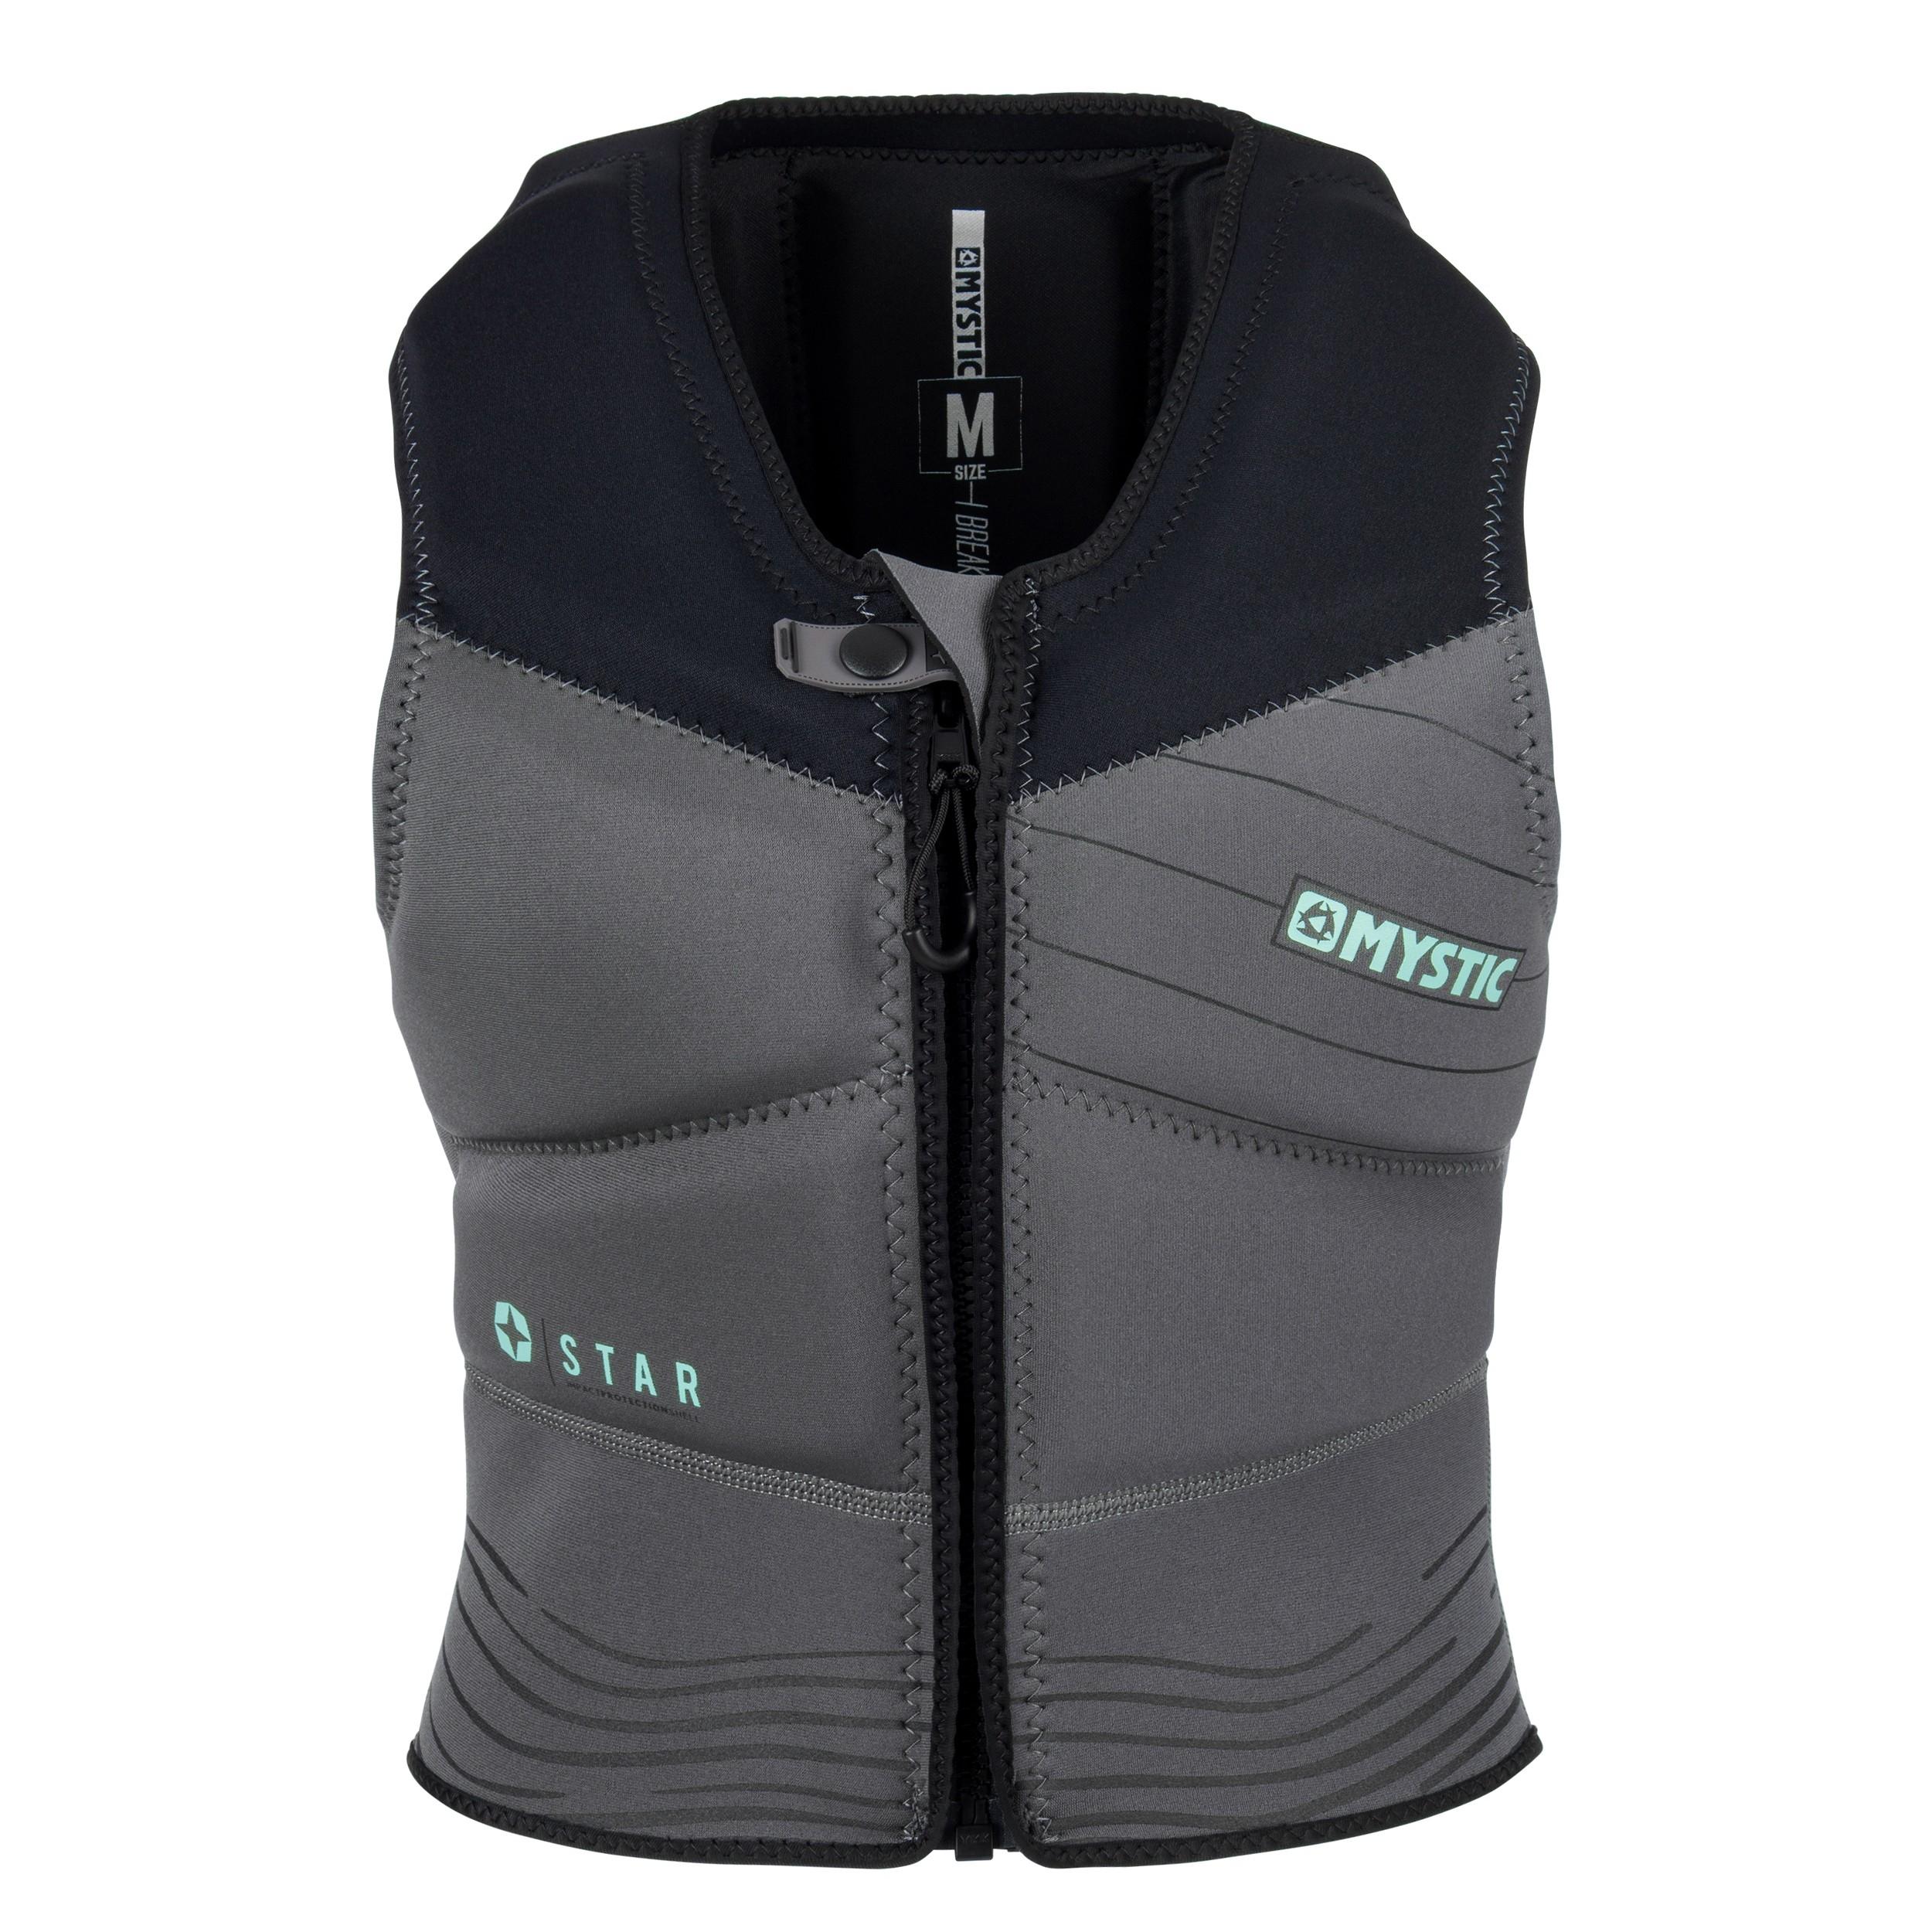 Impact / Floatation Vests